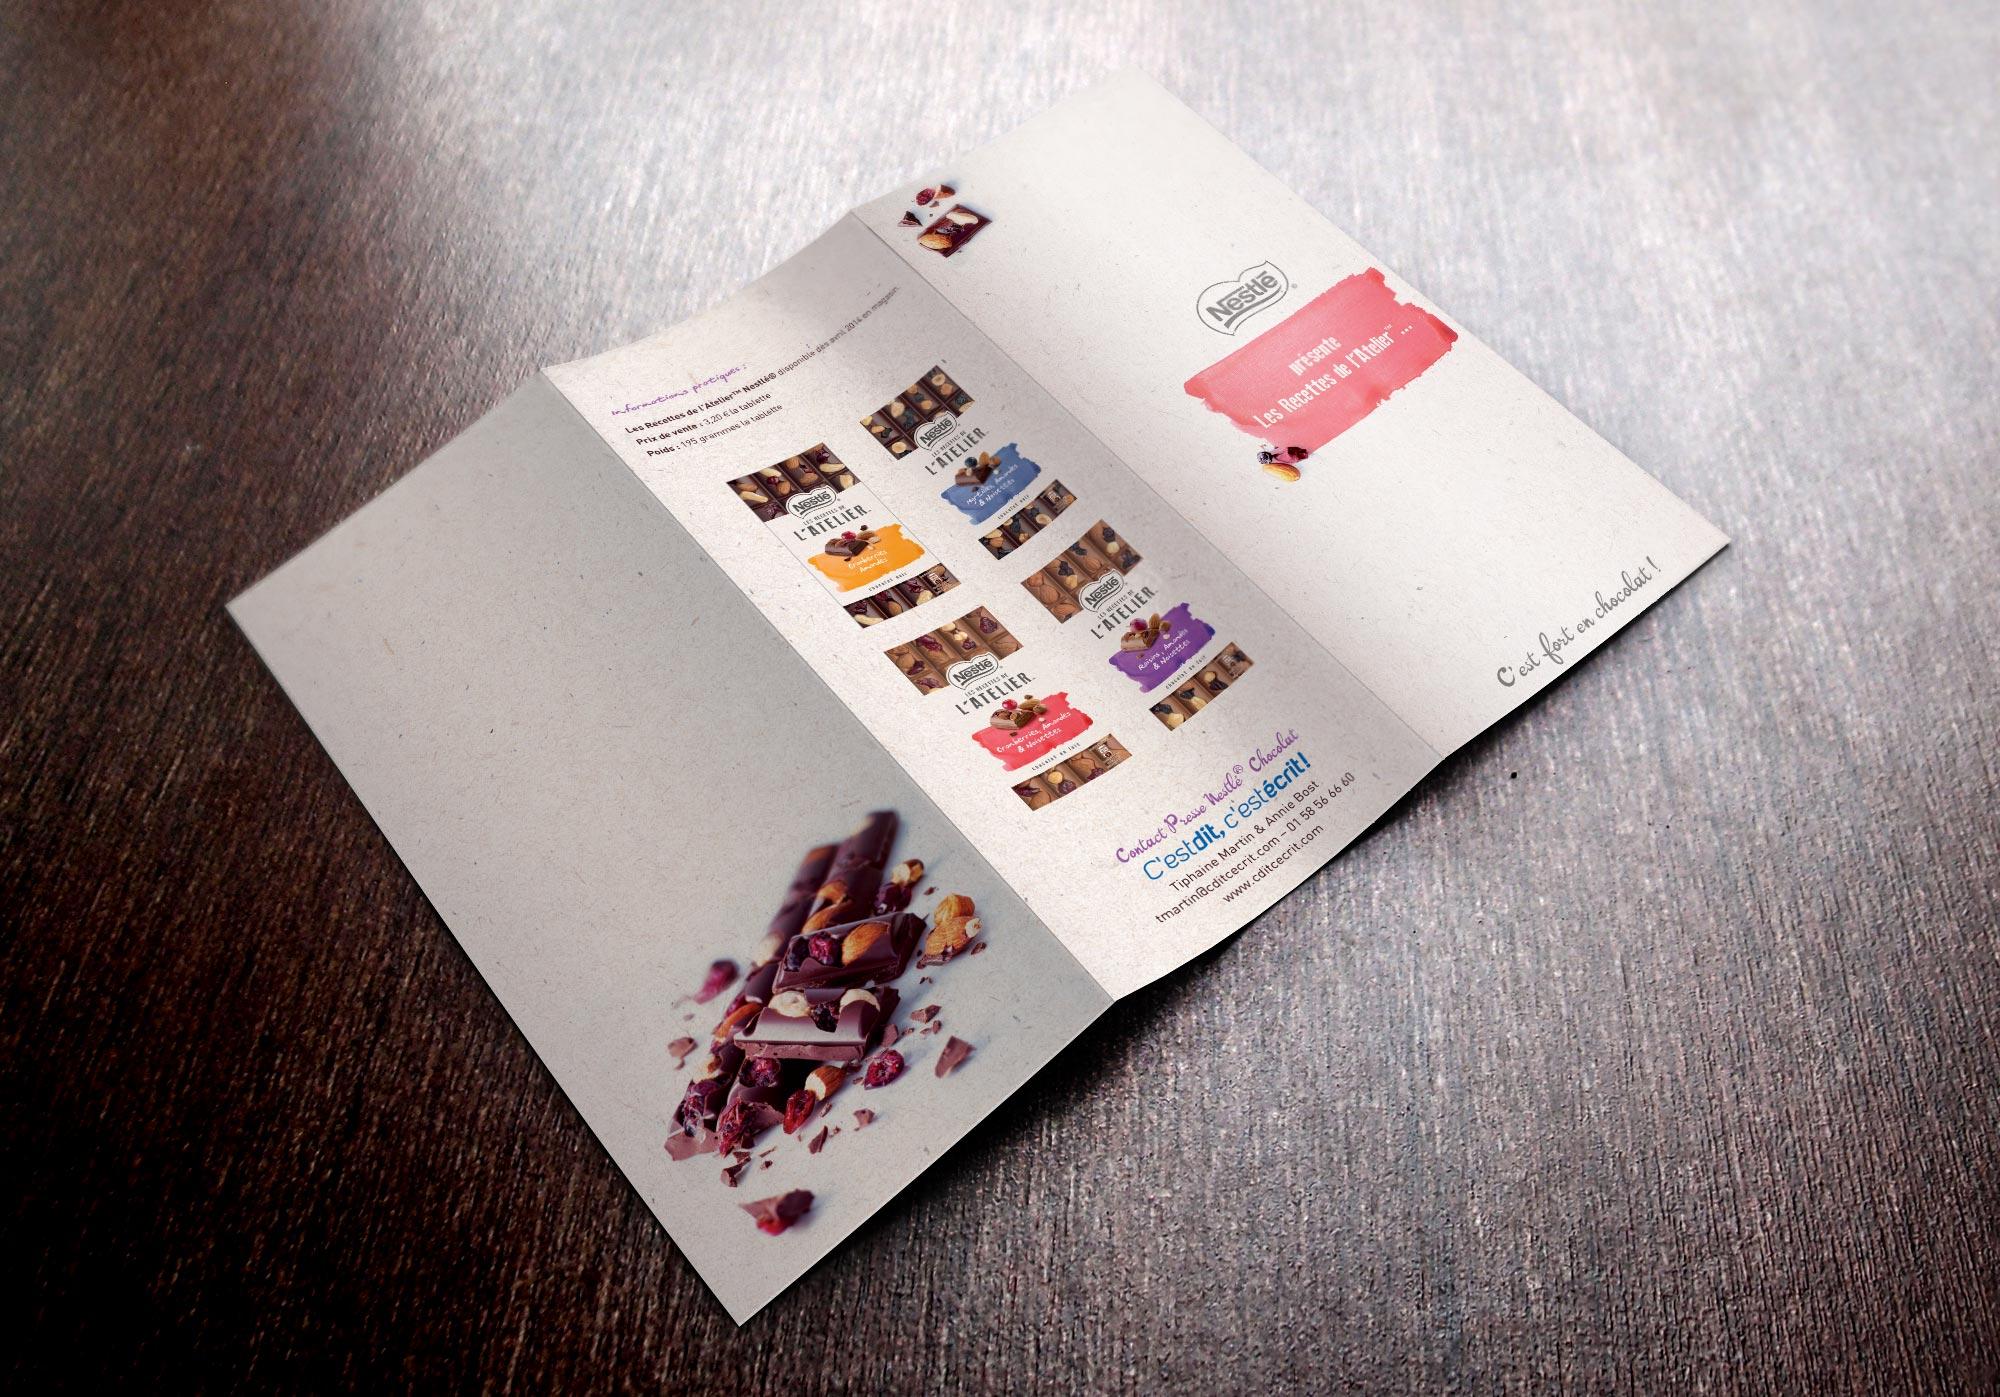 Print-design-Nestle-les-recettes-de-latelier-outer-pages